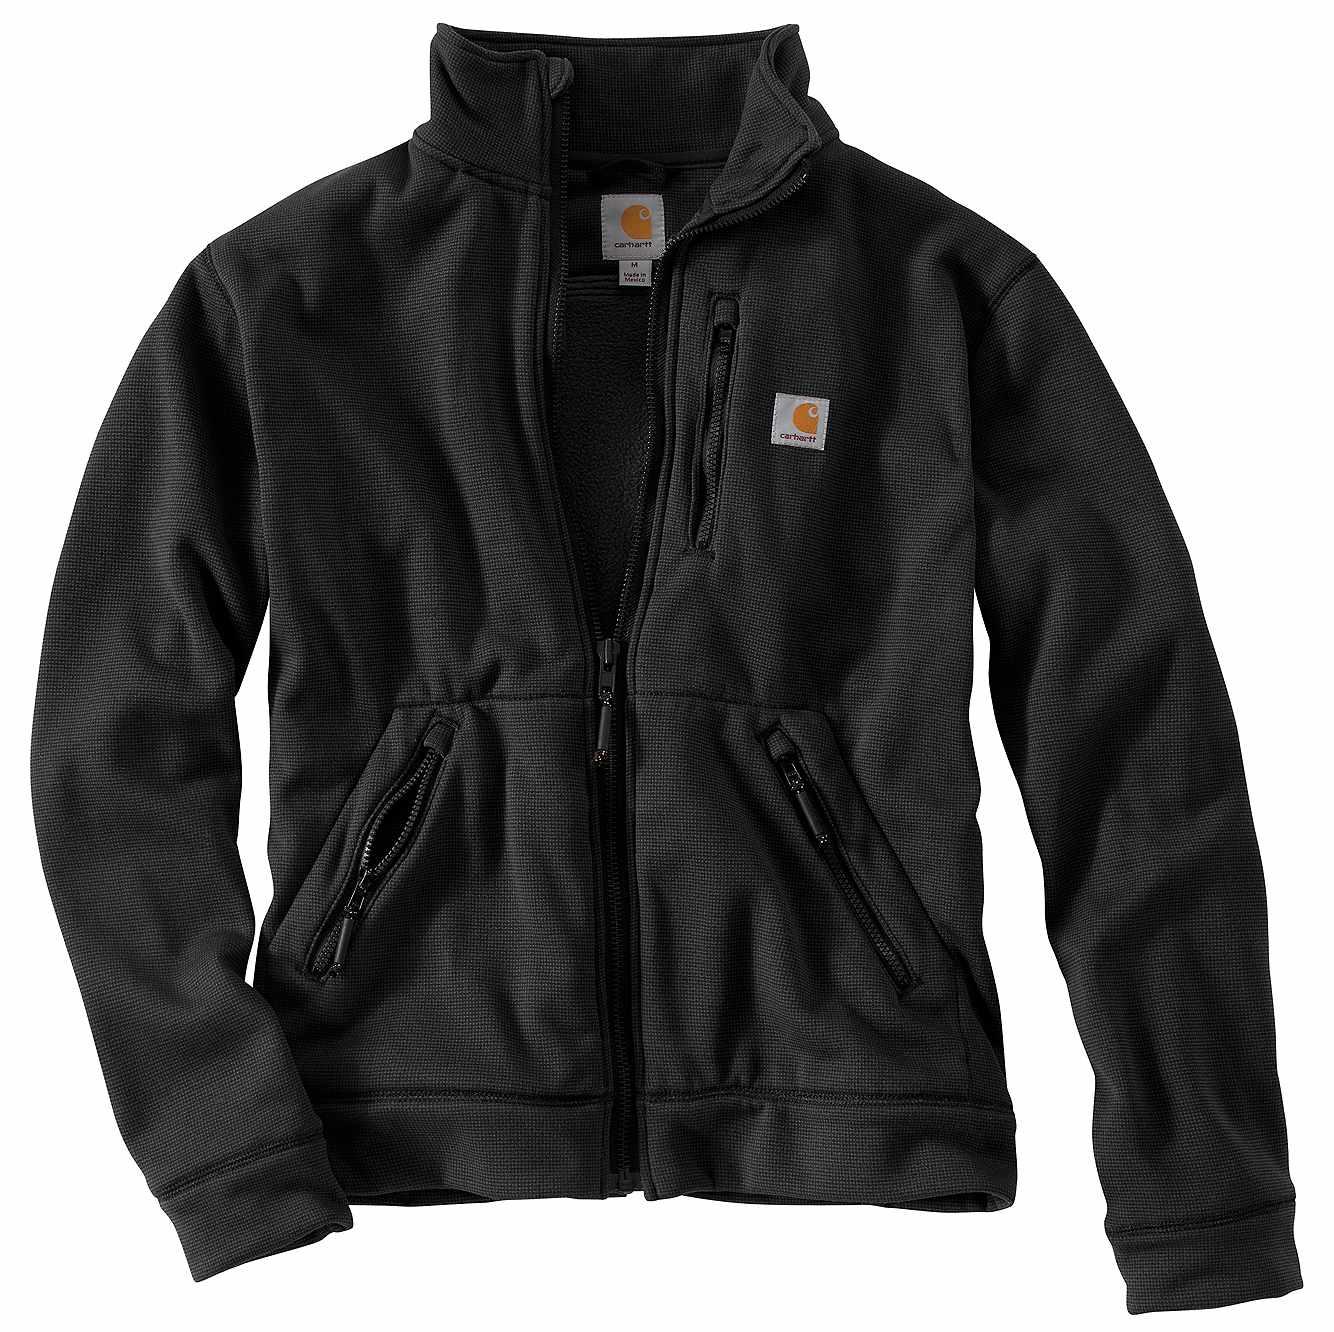 Picture of Fraser Jacket in Black